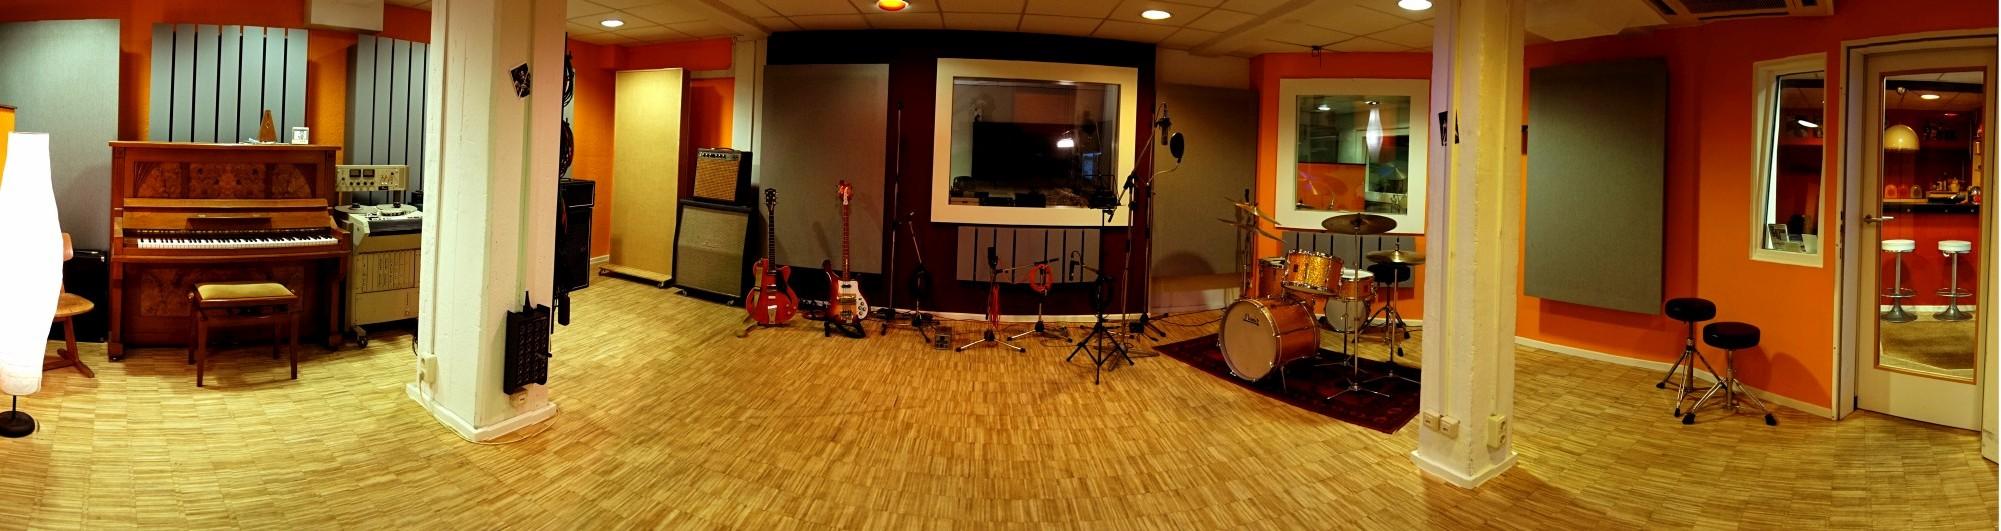 pano_studio2